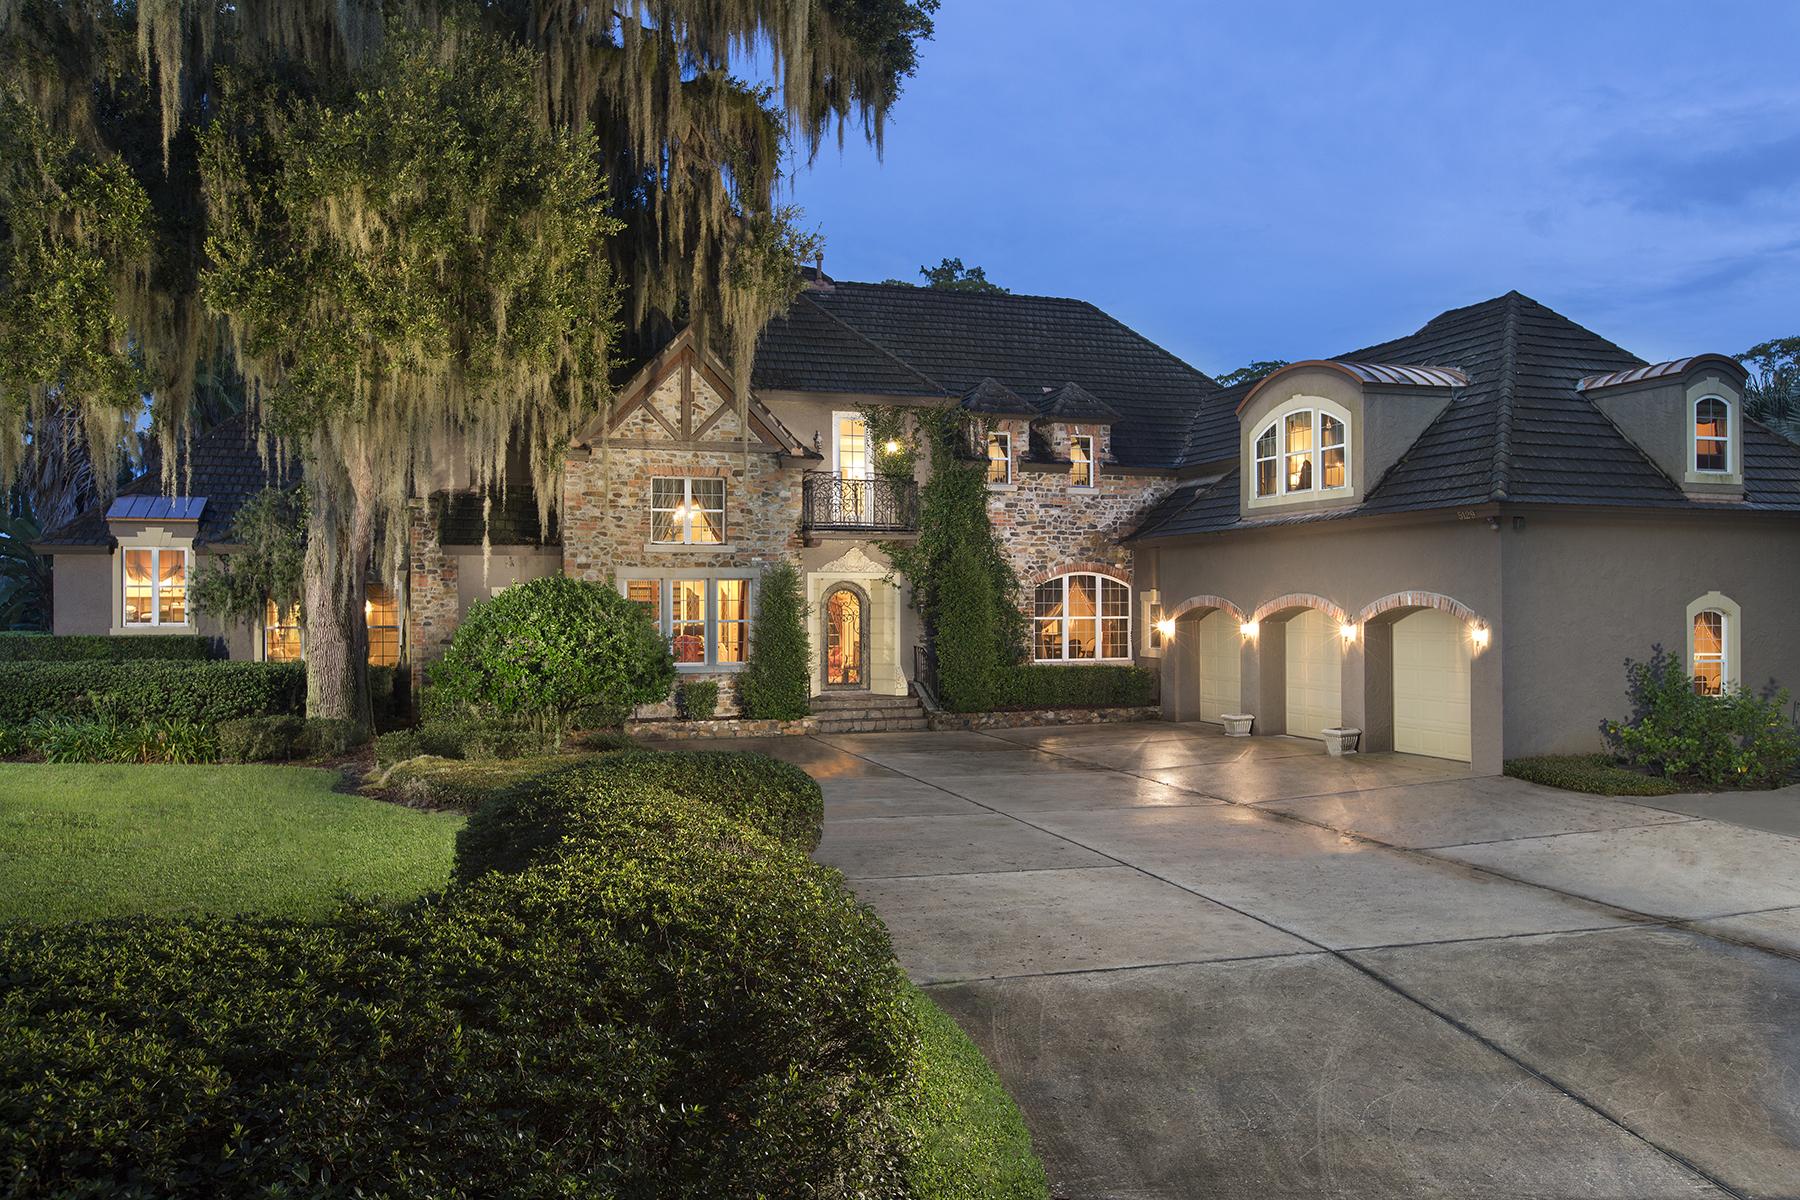 独户住宅 为 销售 在 ORLANDO,FLORIDA 5129 Cranes Point Ct 奥兰多, 佛罗里达州, 32839 美国